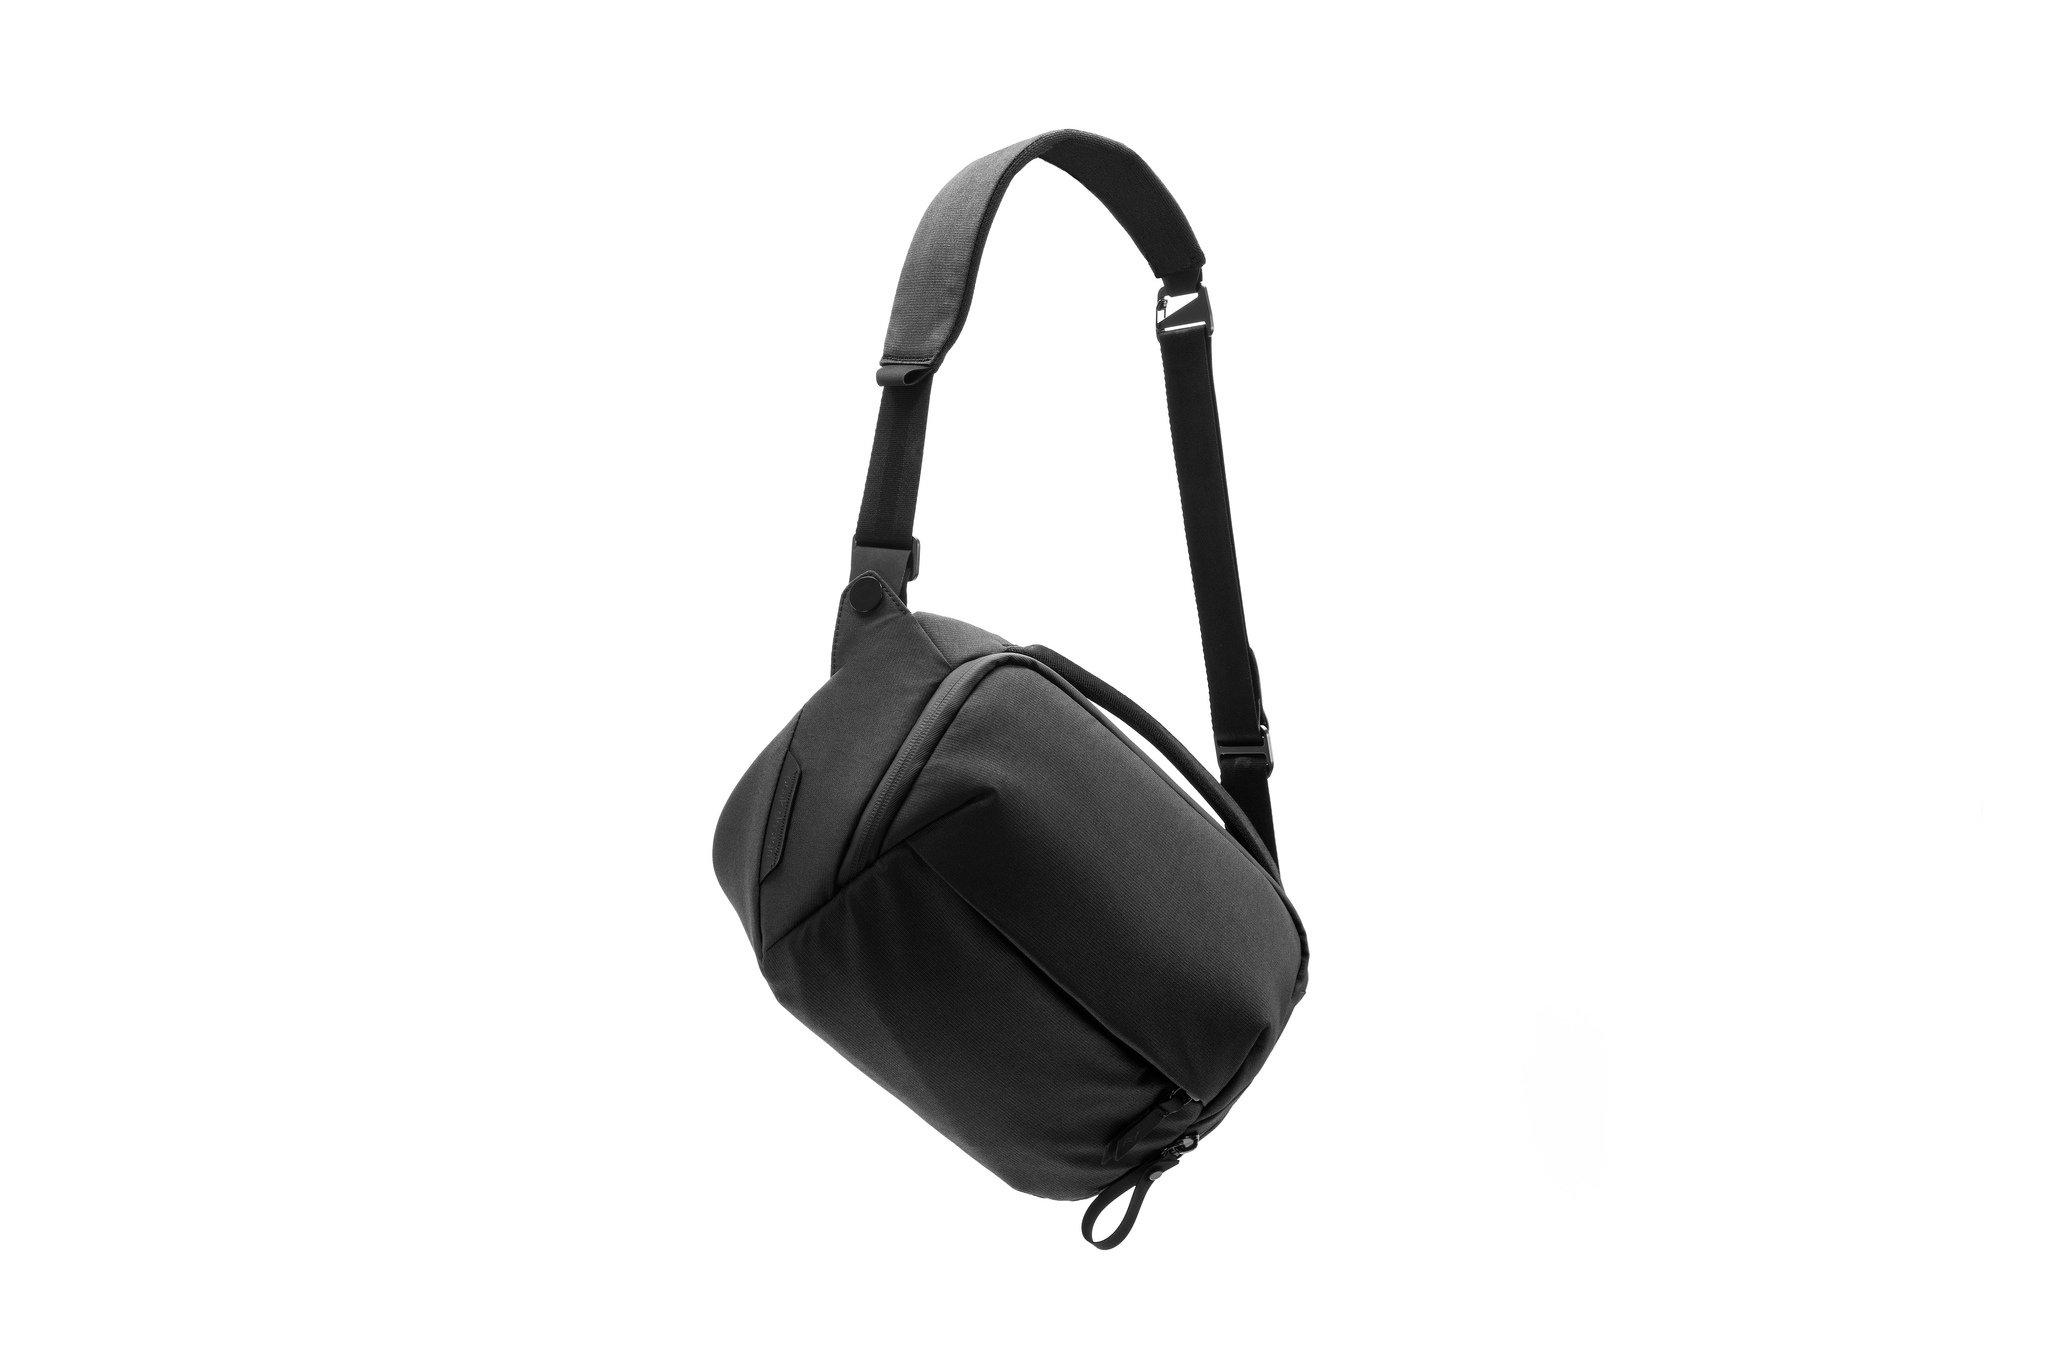 Peak Design Everyday Sling 5L (Black Camera Bag)